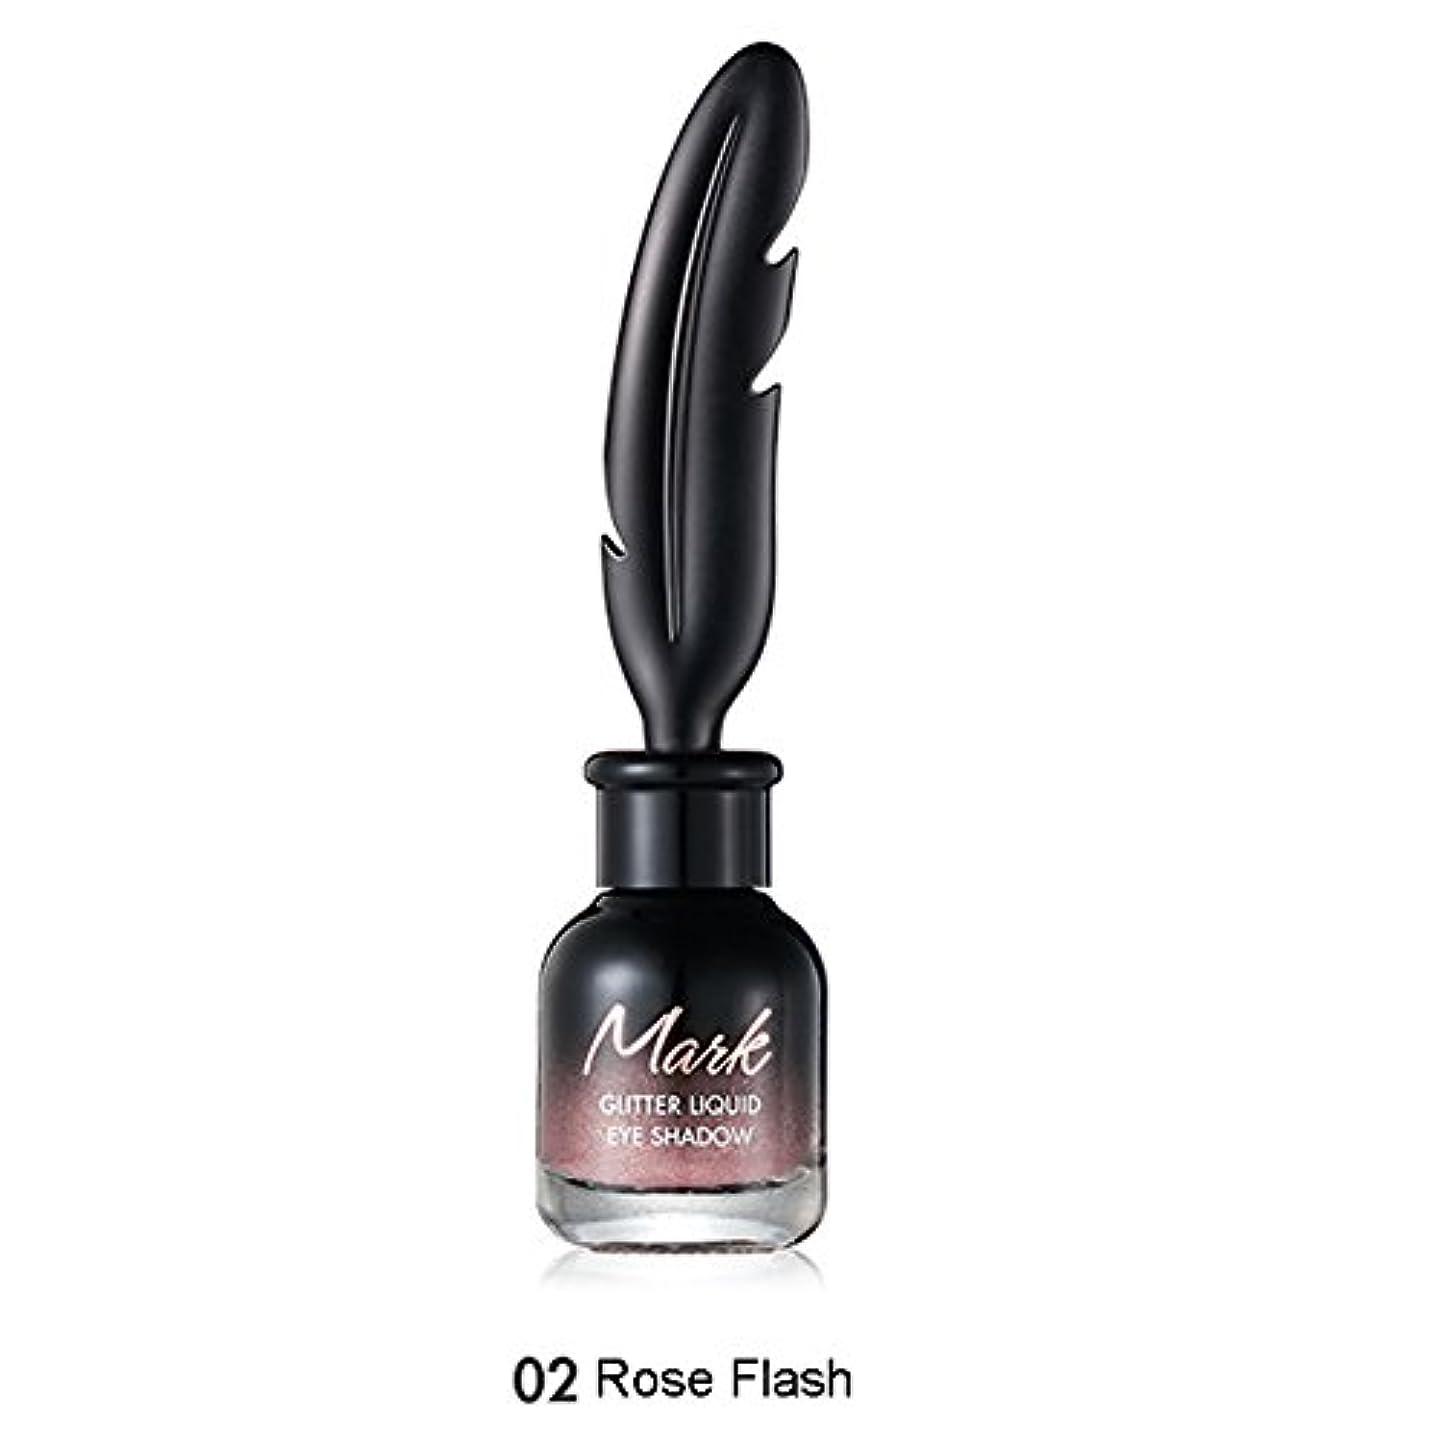 ナイトスポットトロピカル欺トニモリー TONYMOLY Mark Glitter Liquid Eye Shadow #02 Rose Flash